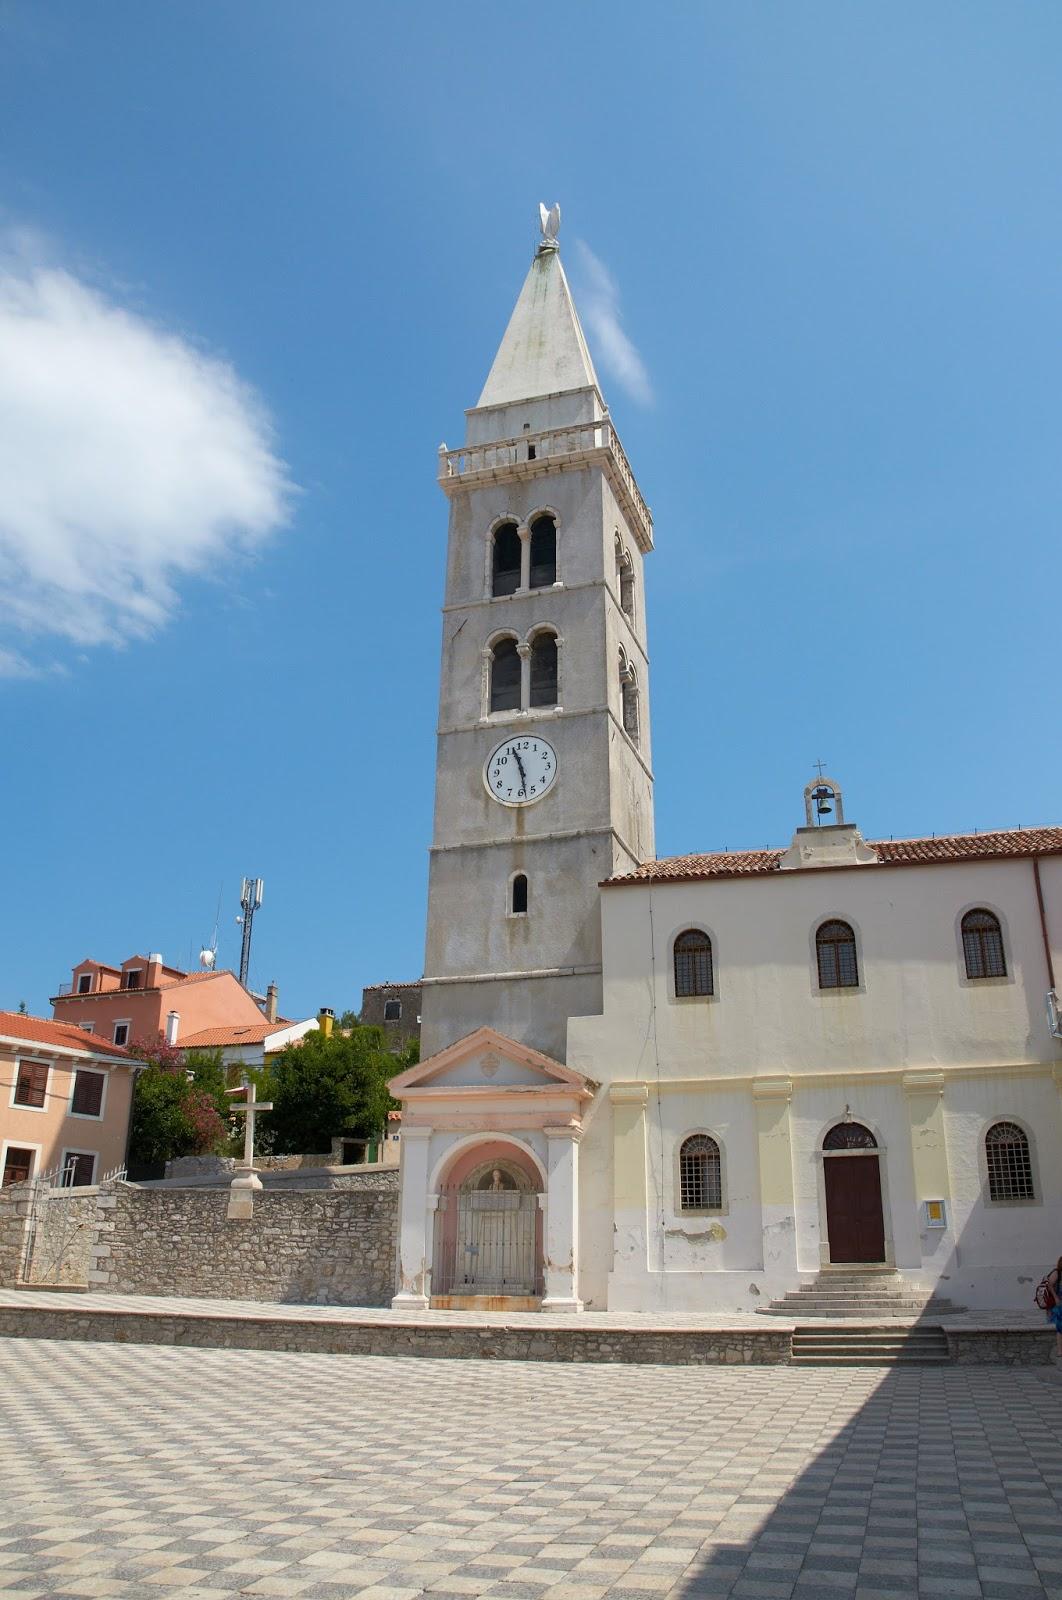 Wakacje w Chorwacji, urokliwe miejscowości